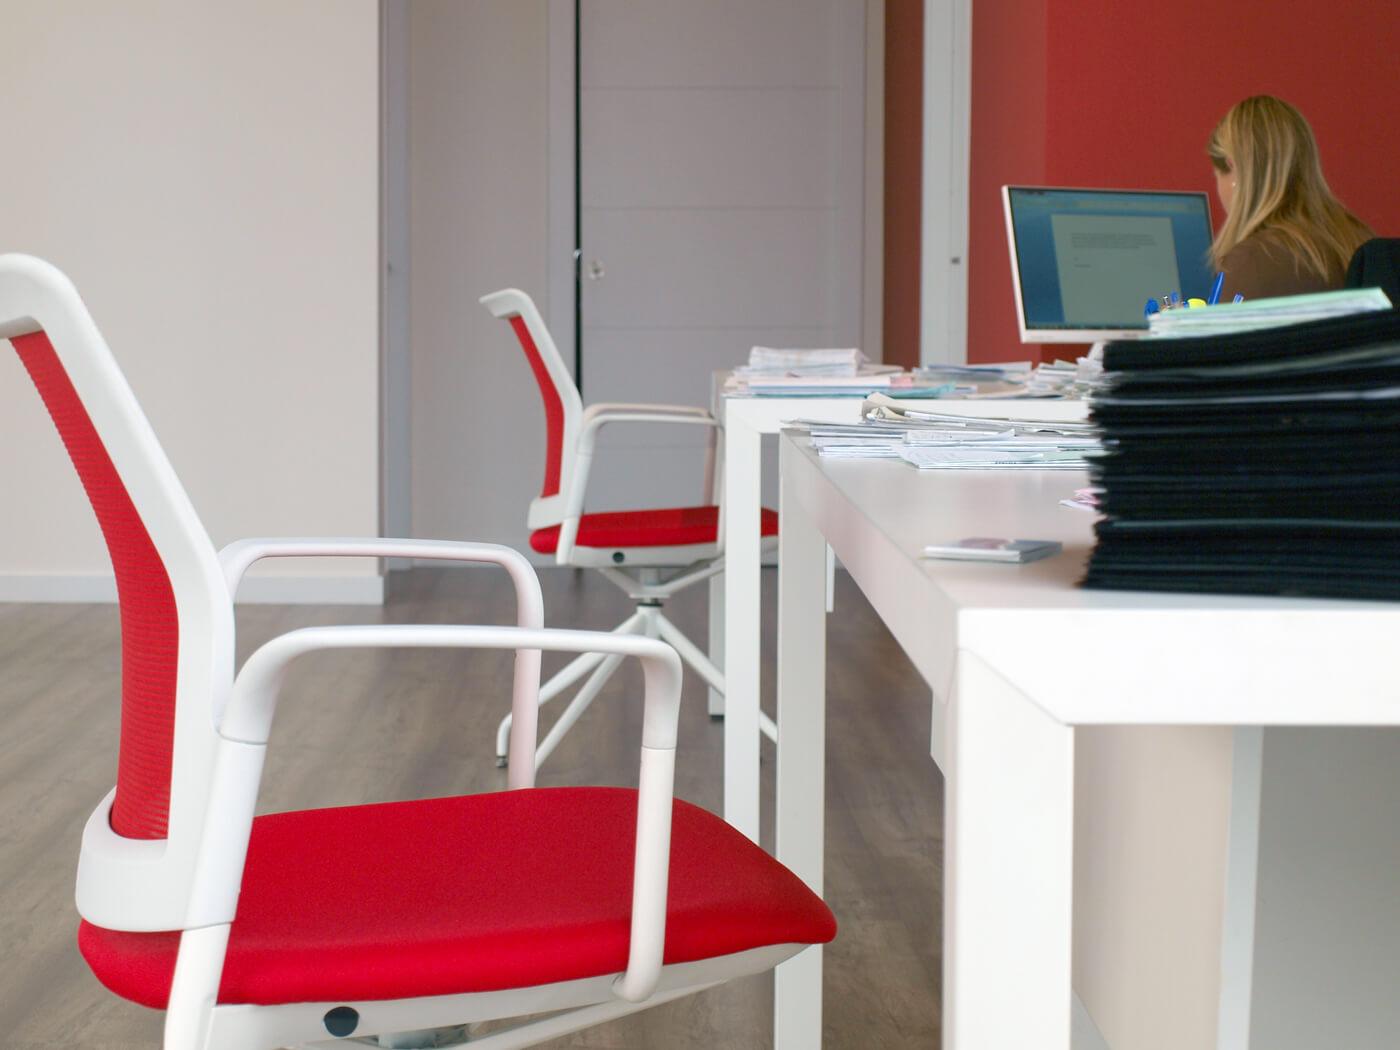 Mobiliario de oficina olcina gestoria y correduria de seguros for Oficina western union alicante